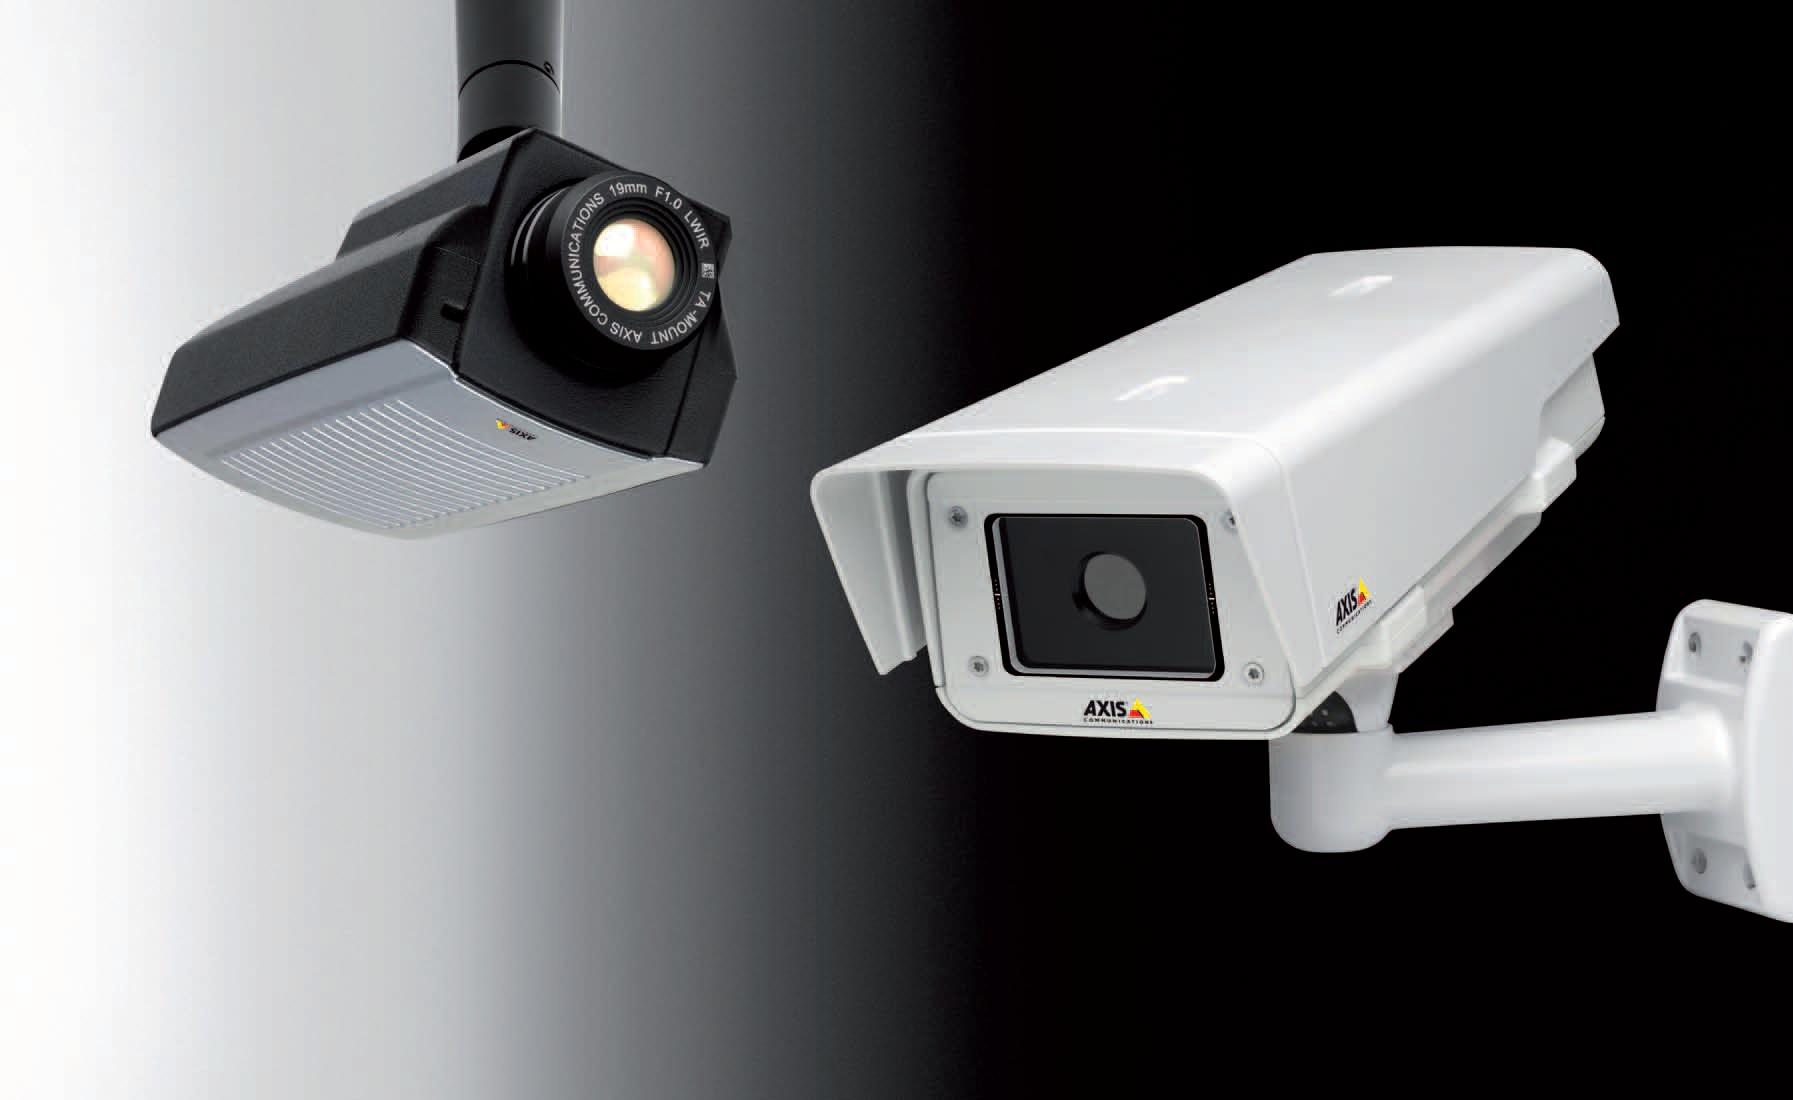 Системы видеонаблюдения: классификация и критерии выбора